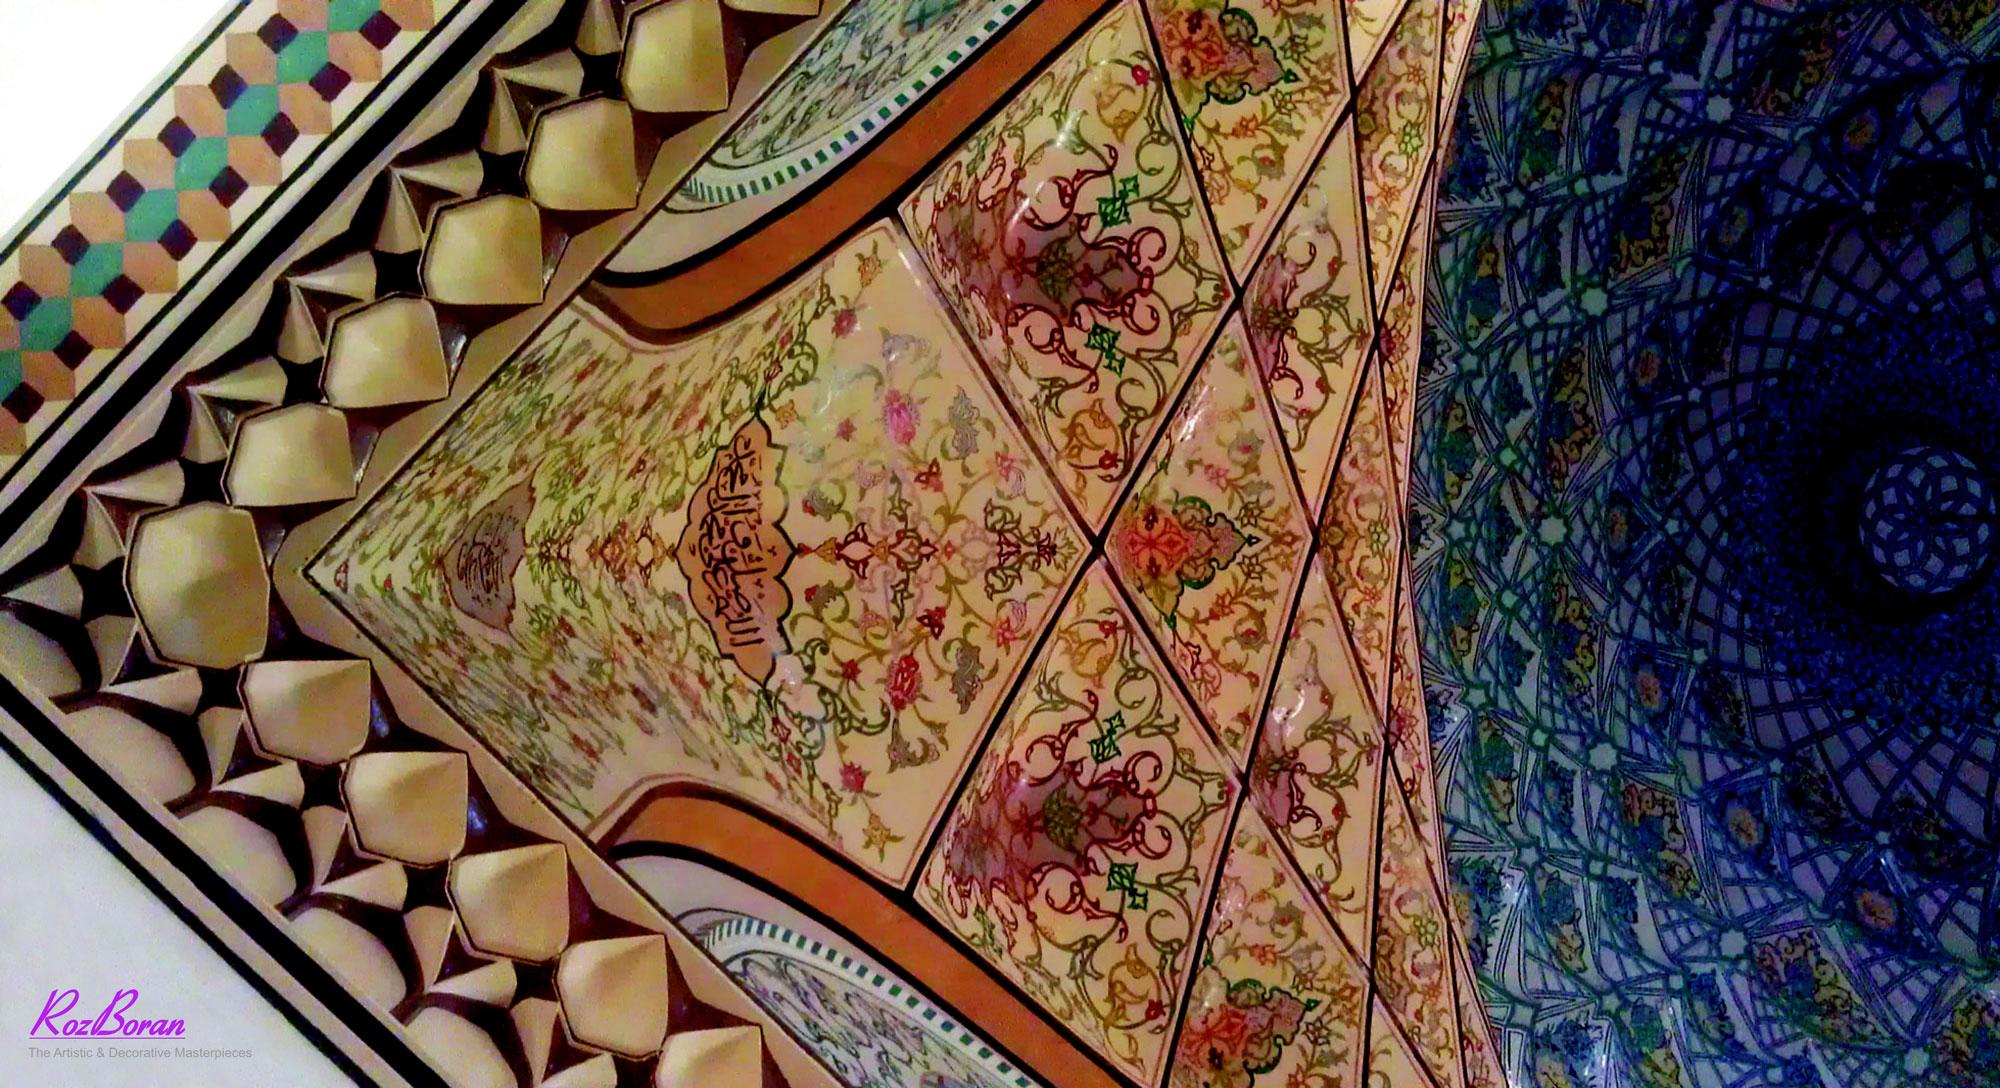 دکوراسیون سنتی رزبران و یزدی بندی